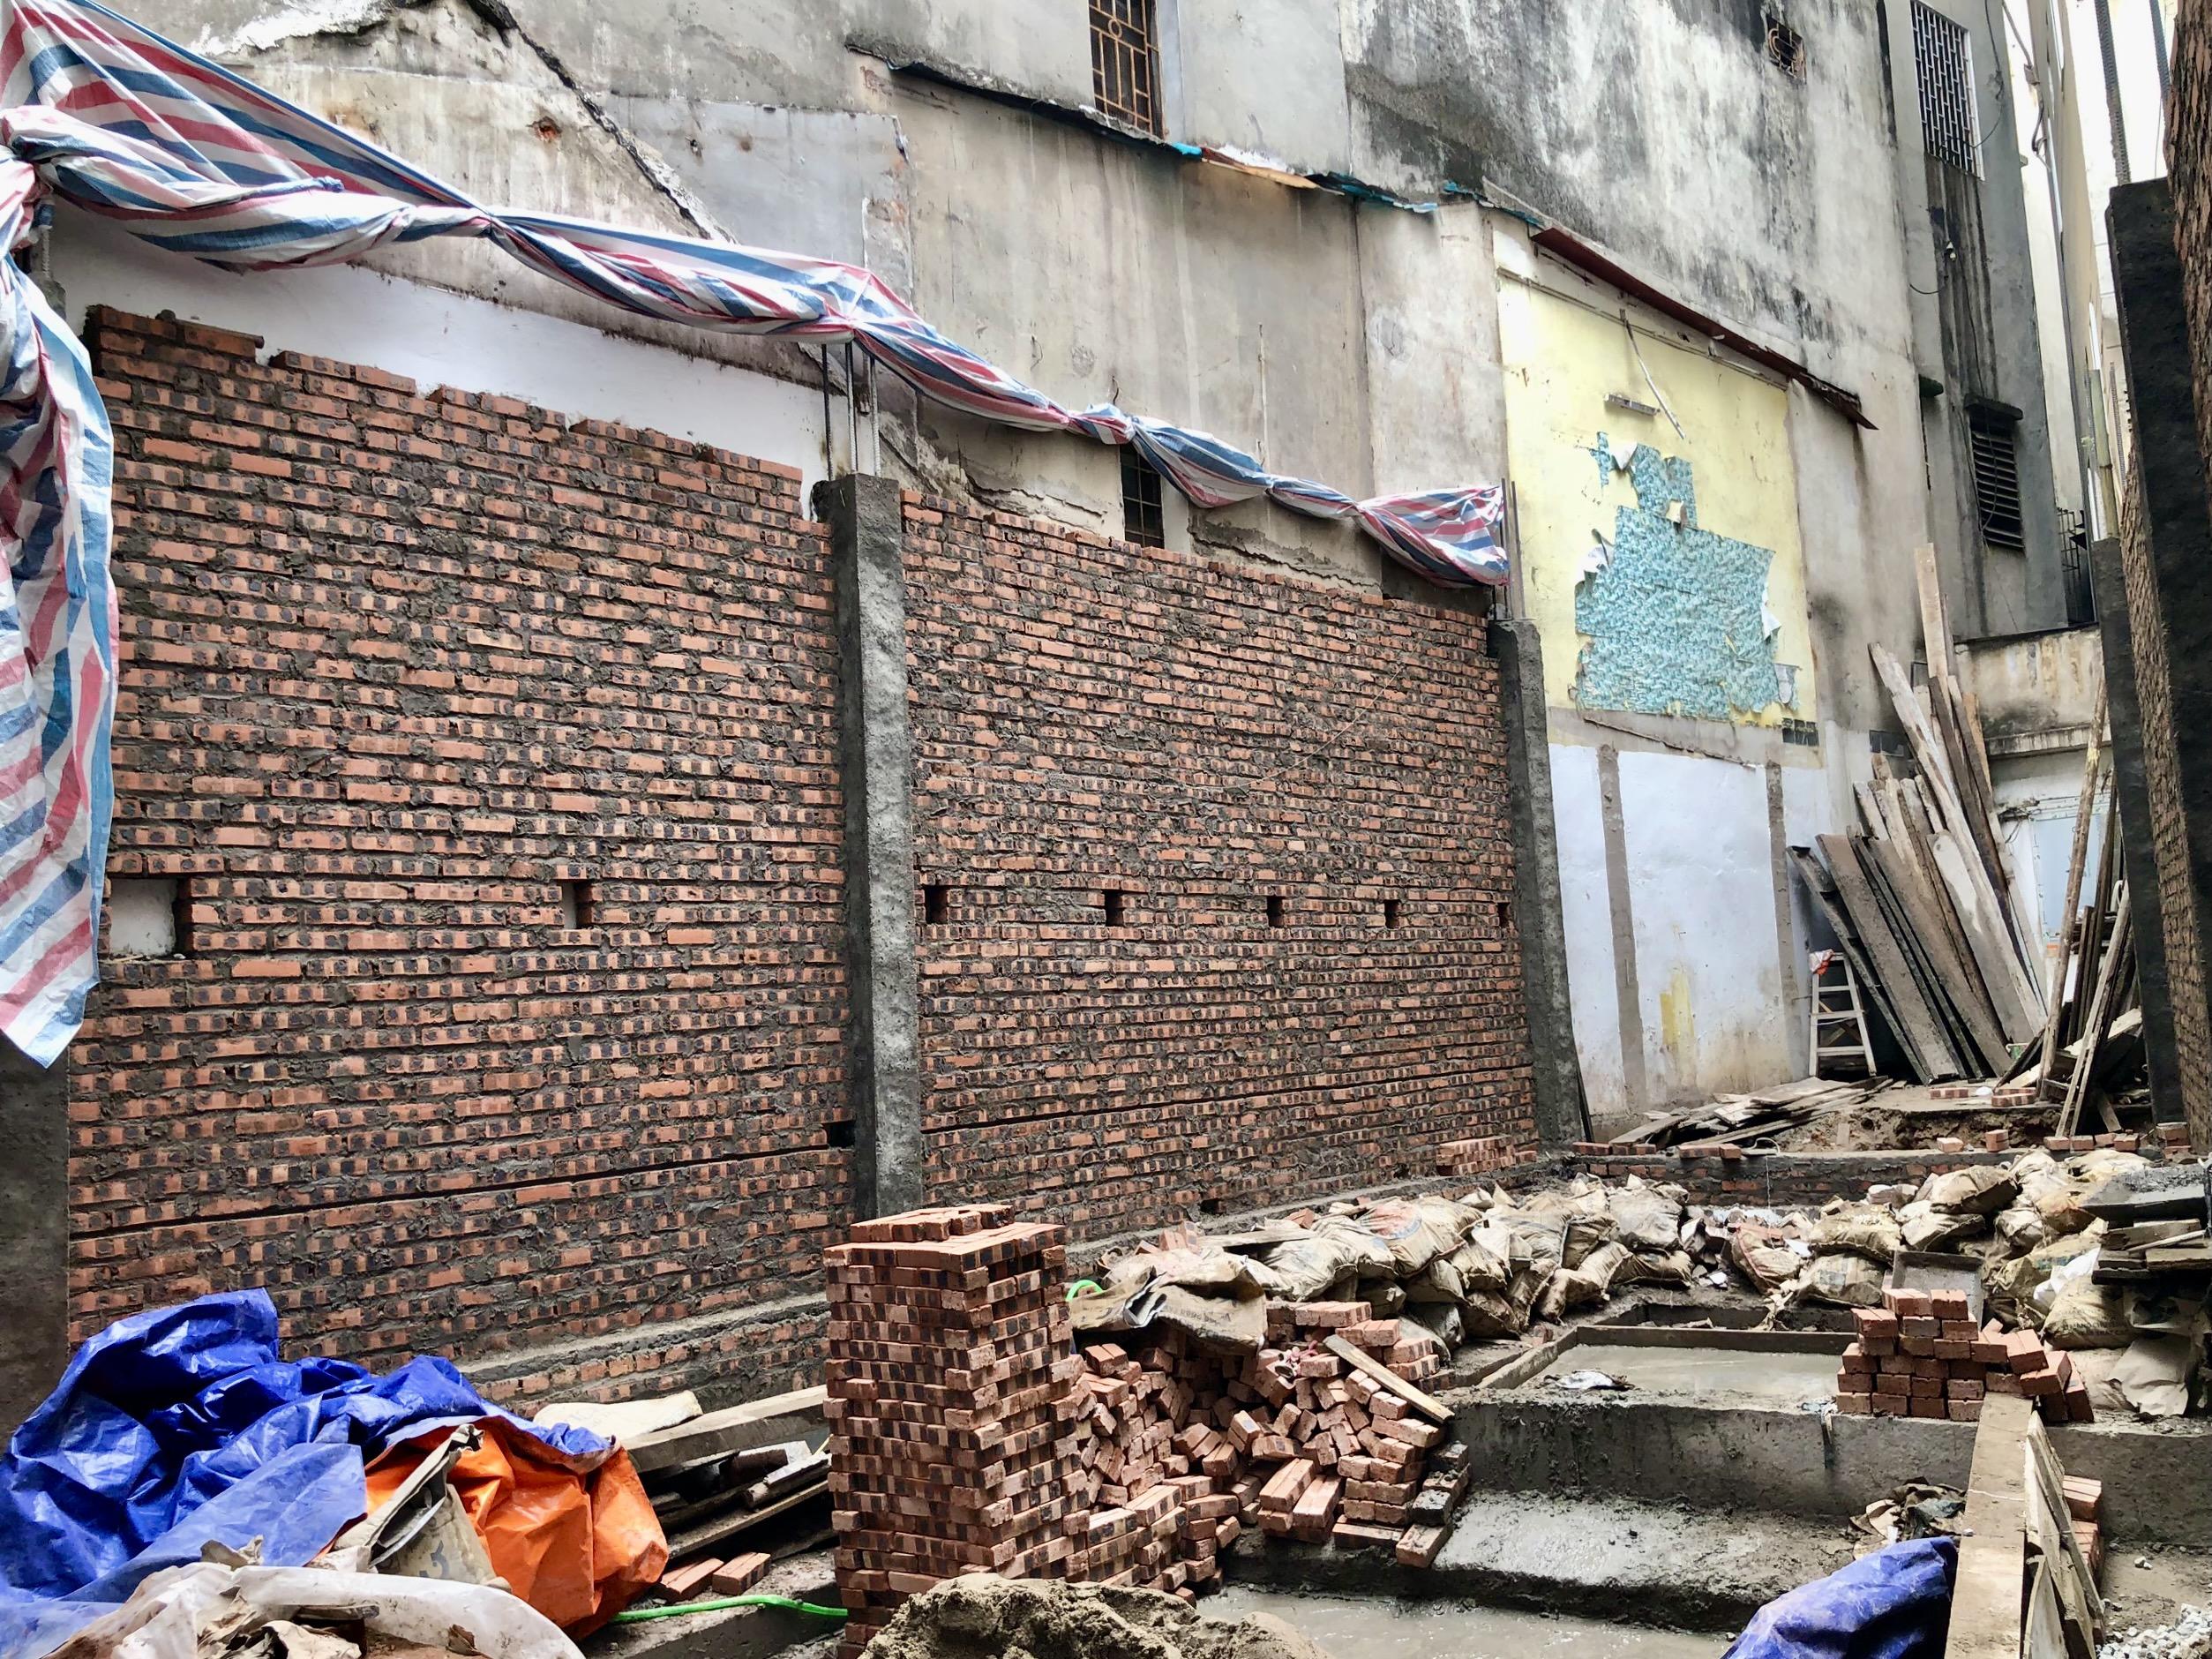 Đường sắp mở theo quy hoạch ở phường Liễu Giai, Ba Đình, Hà Nội (phần 3): Hai đường nối từ Văn Cao đến ngõ 279 Đội Cấn kéo dài - Ảnh 17.